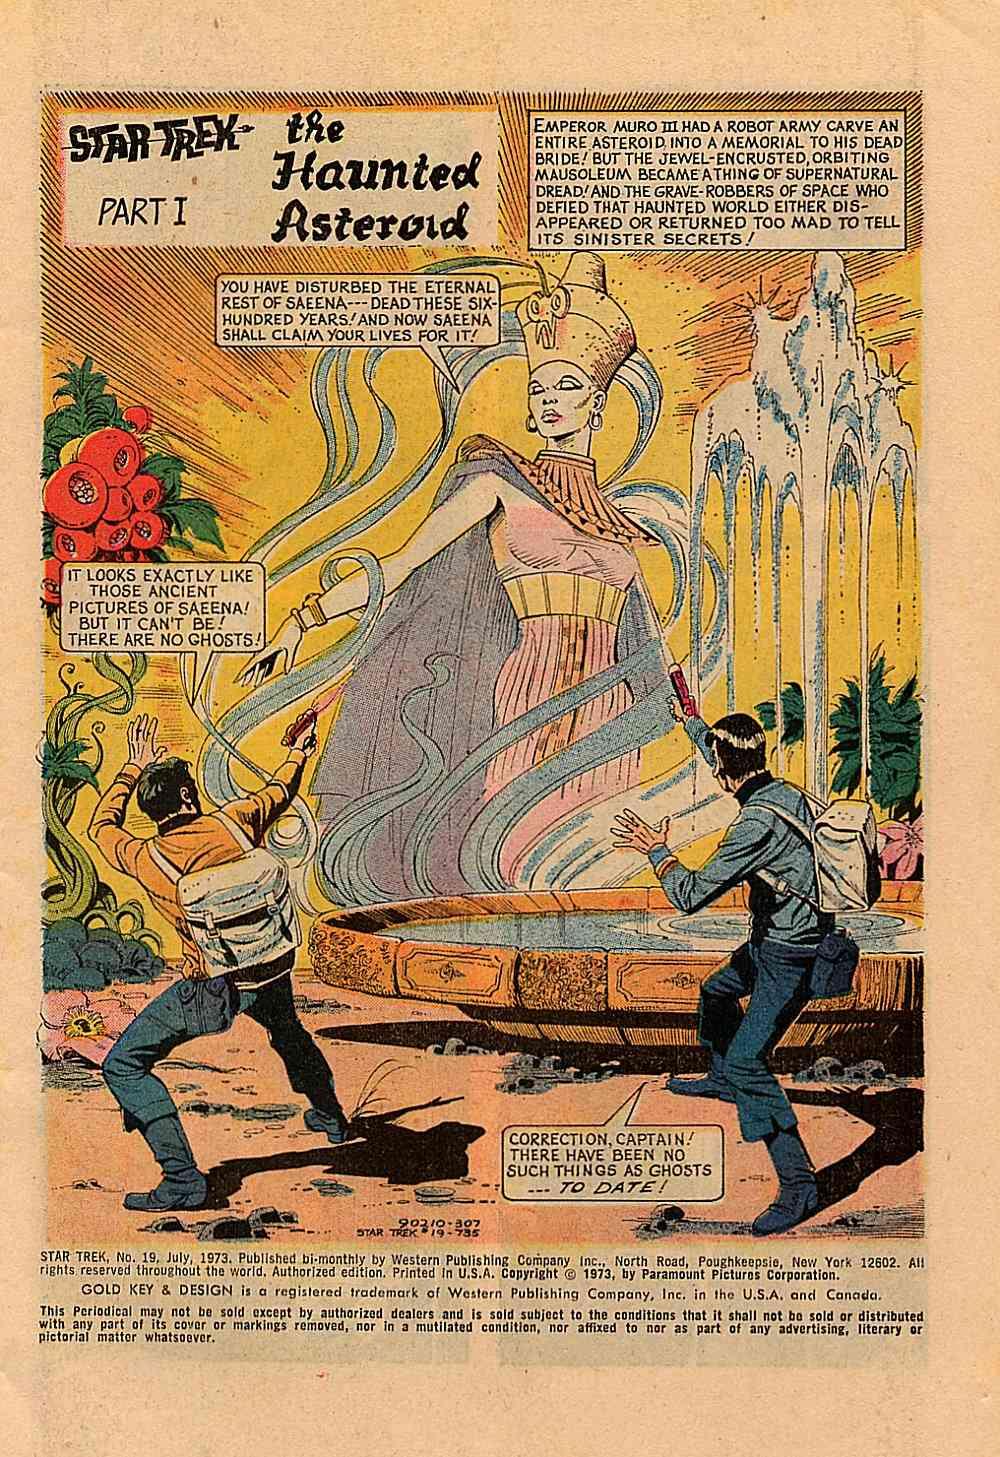 Star Trek (1967) issue 19 - Page 2